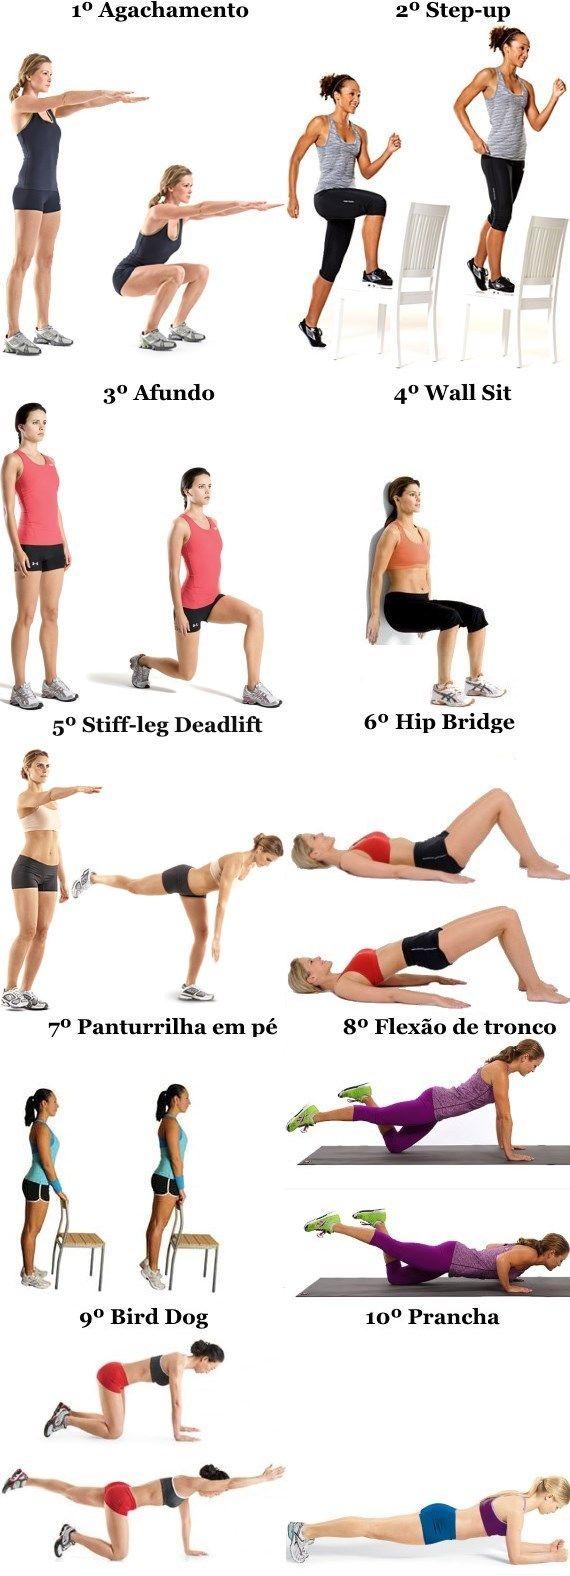 Top Treino para mulheres sem equipamento | Musculação, Treino para  BL54